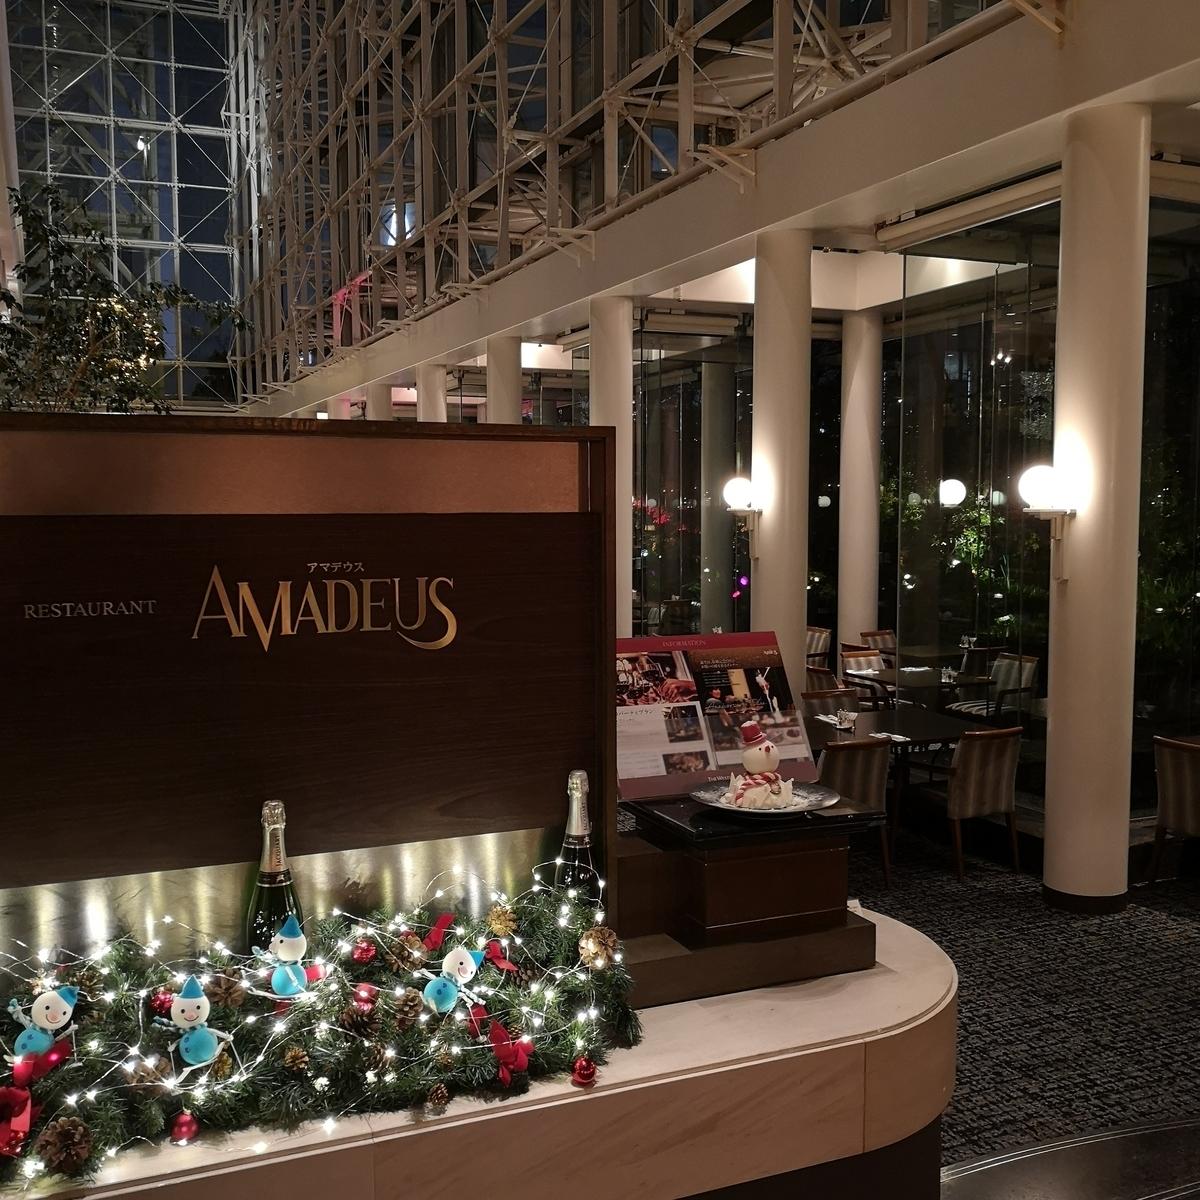 ウェスティンホテル大阪 AMADEUS アマデウス